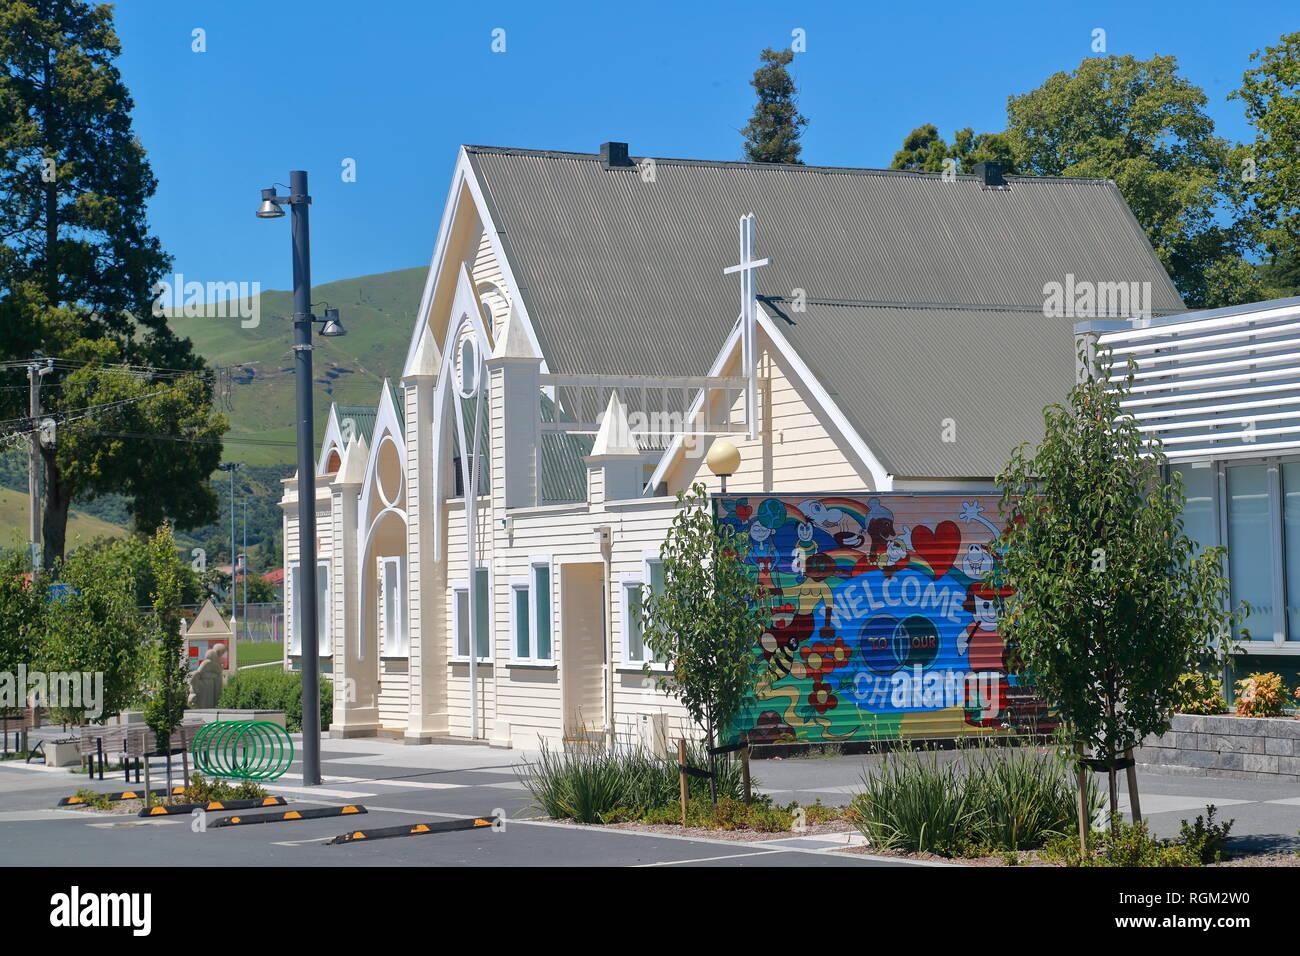 Murale colorée accueille les visiteurs à l'Église, Paeroa Co-Operating Paeroa, Waikato, Nouvelle-Zélande Photo Stock